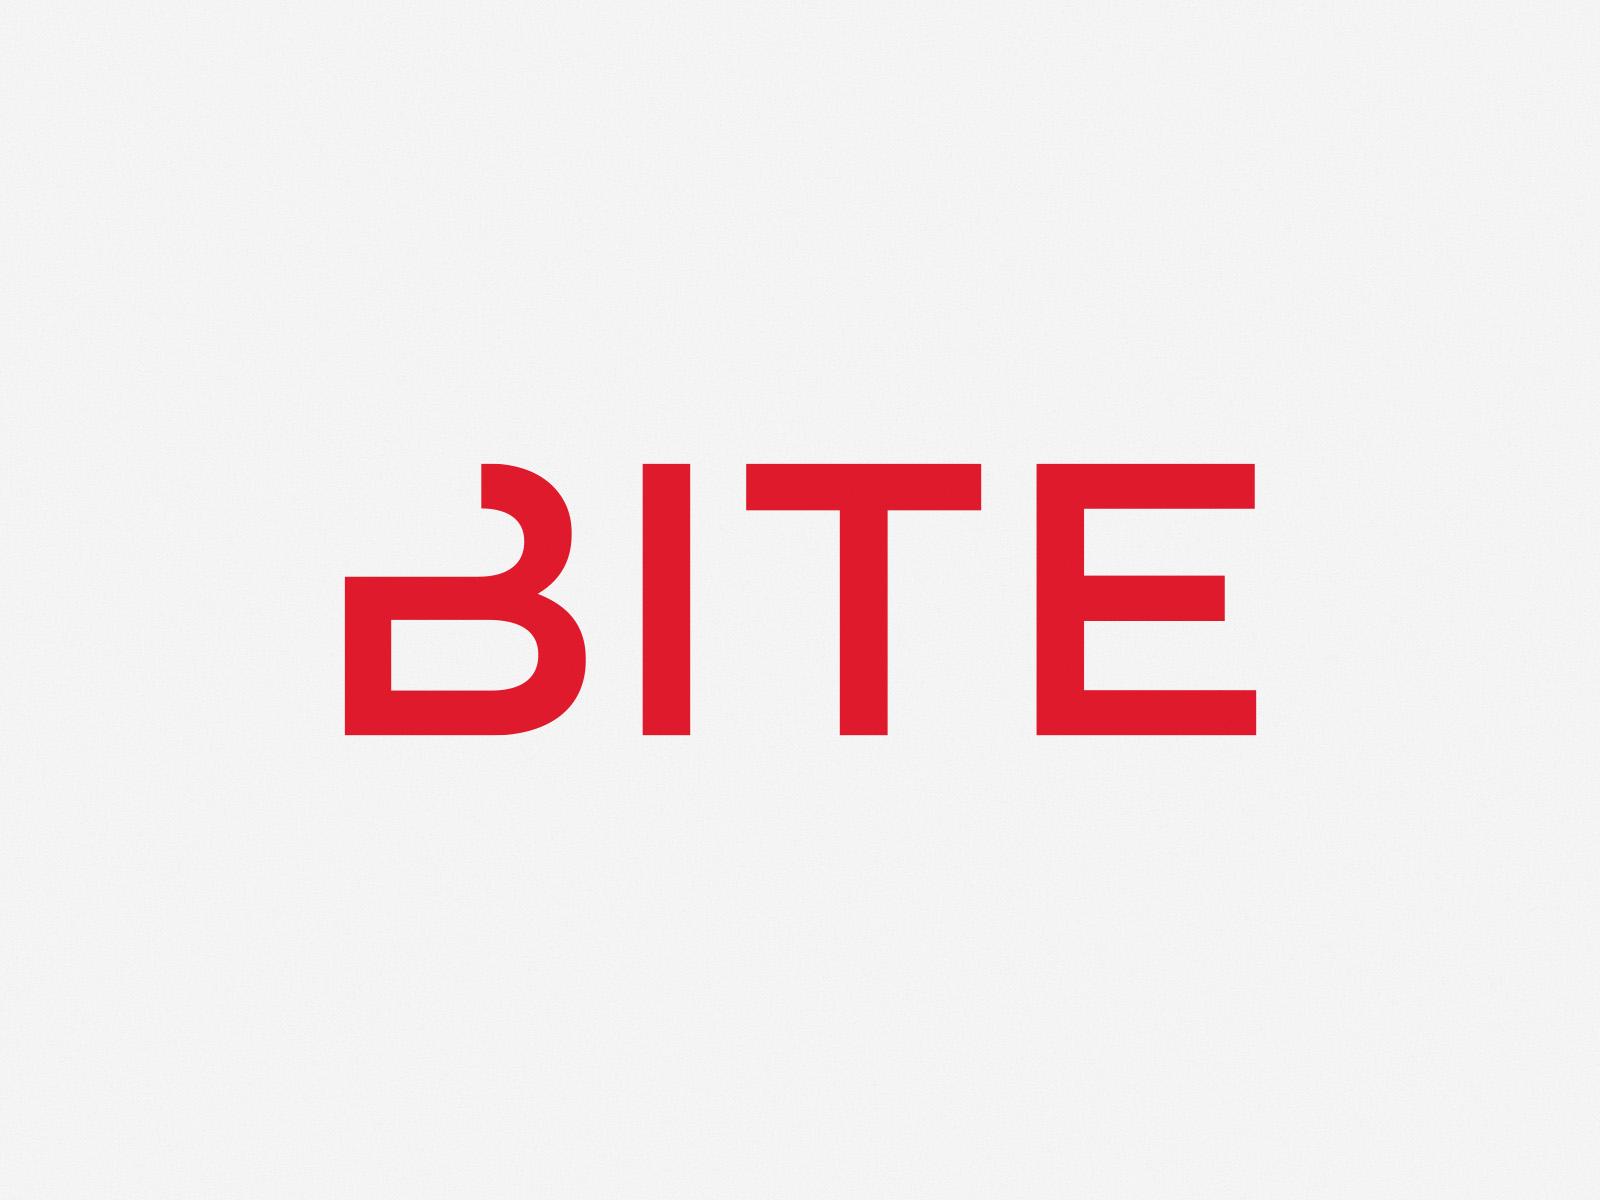 BITE_LOGO.jpg